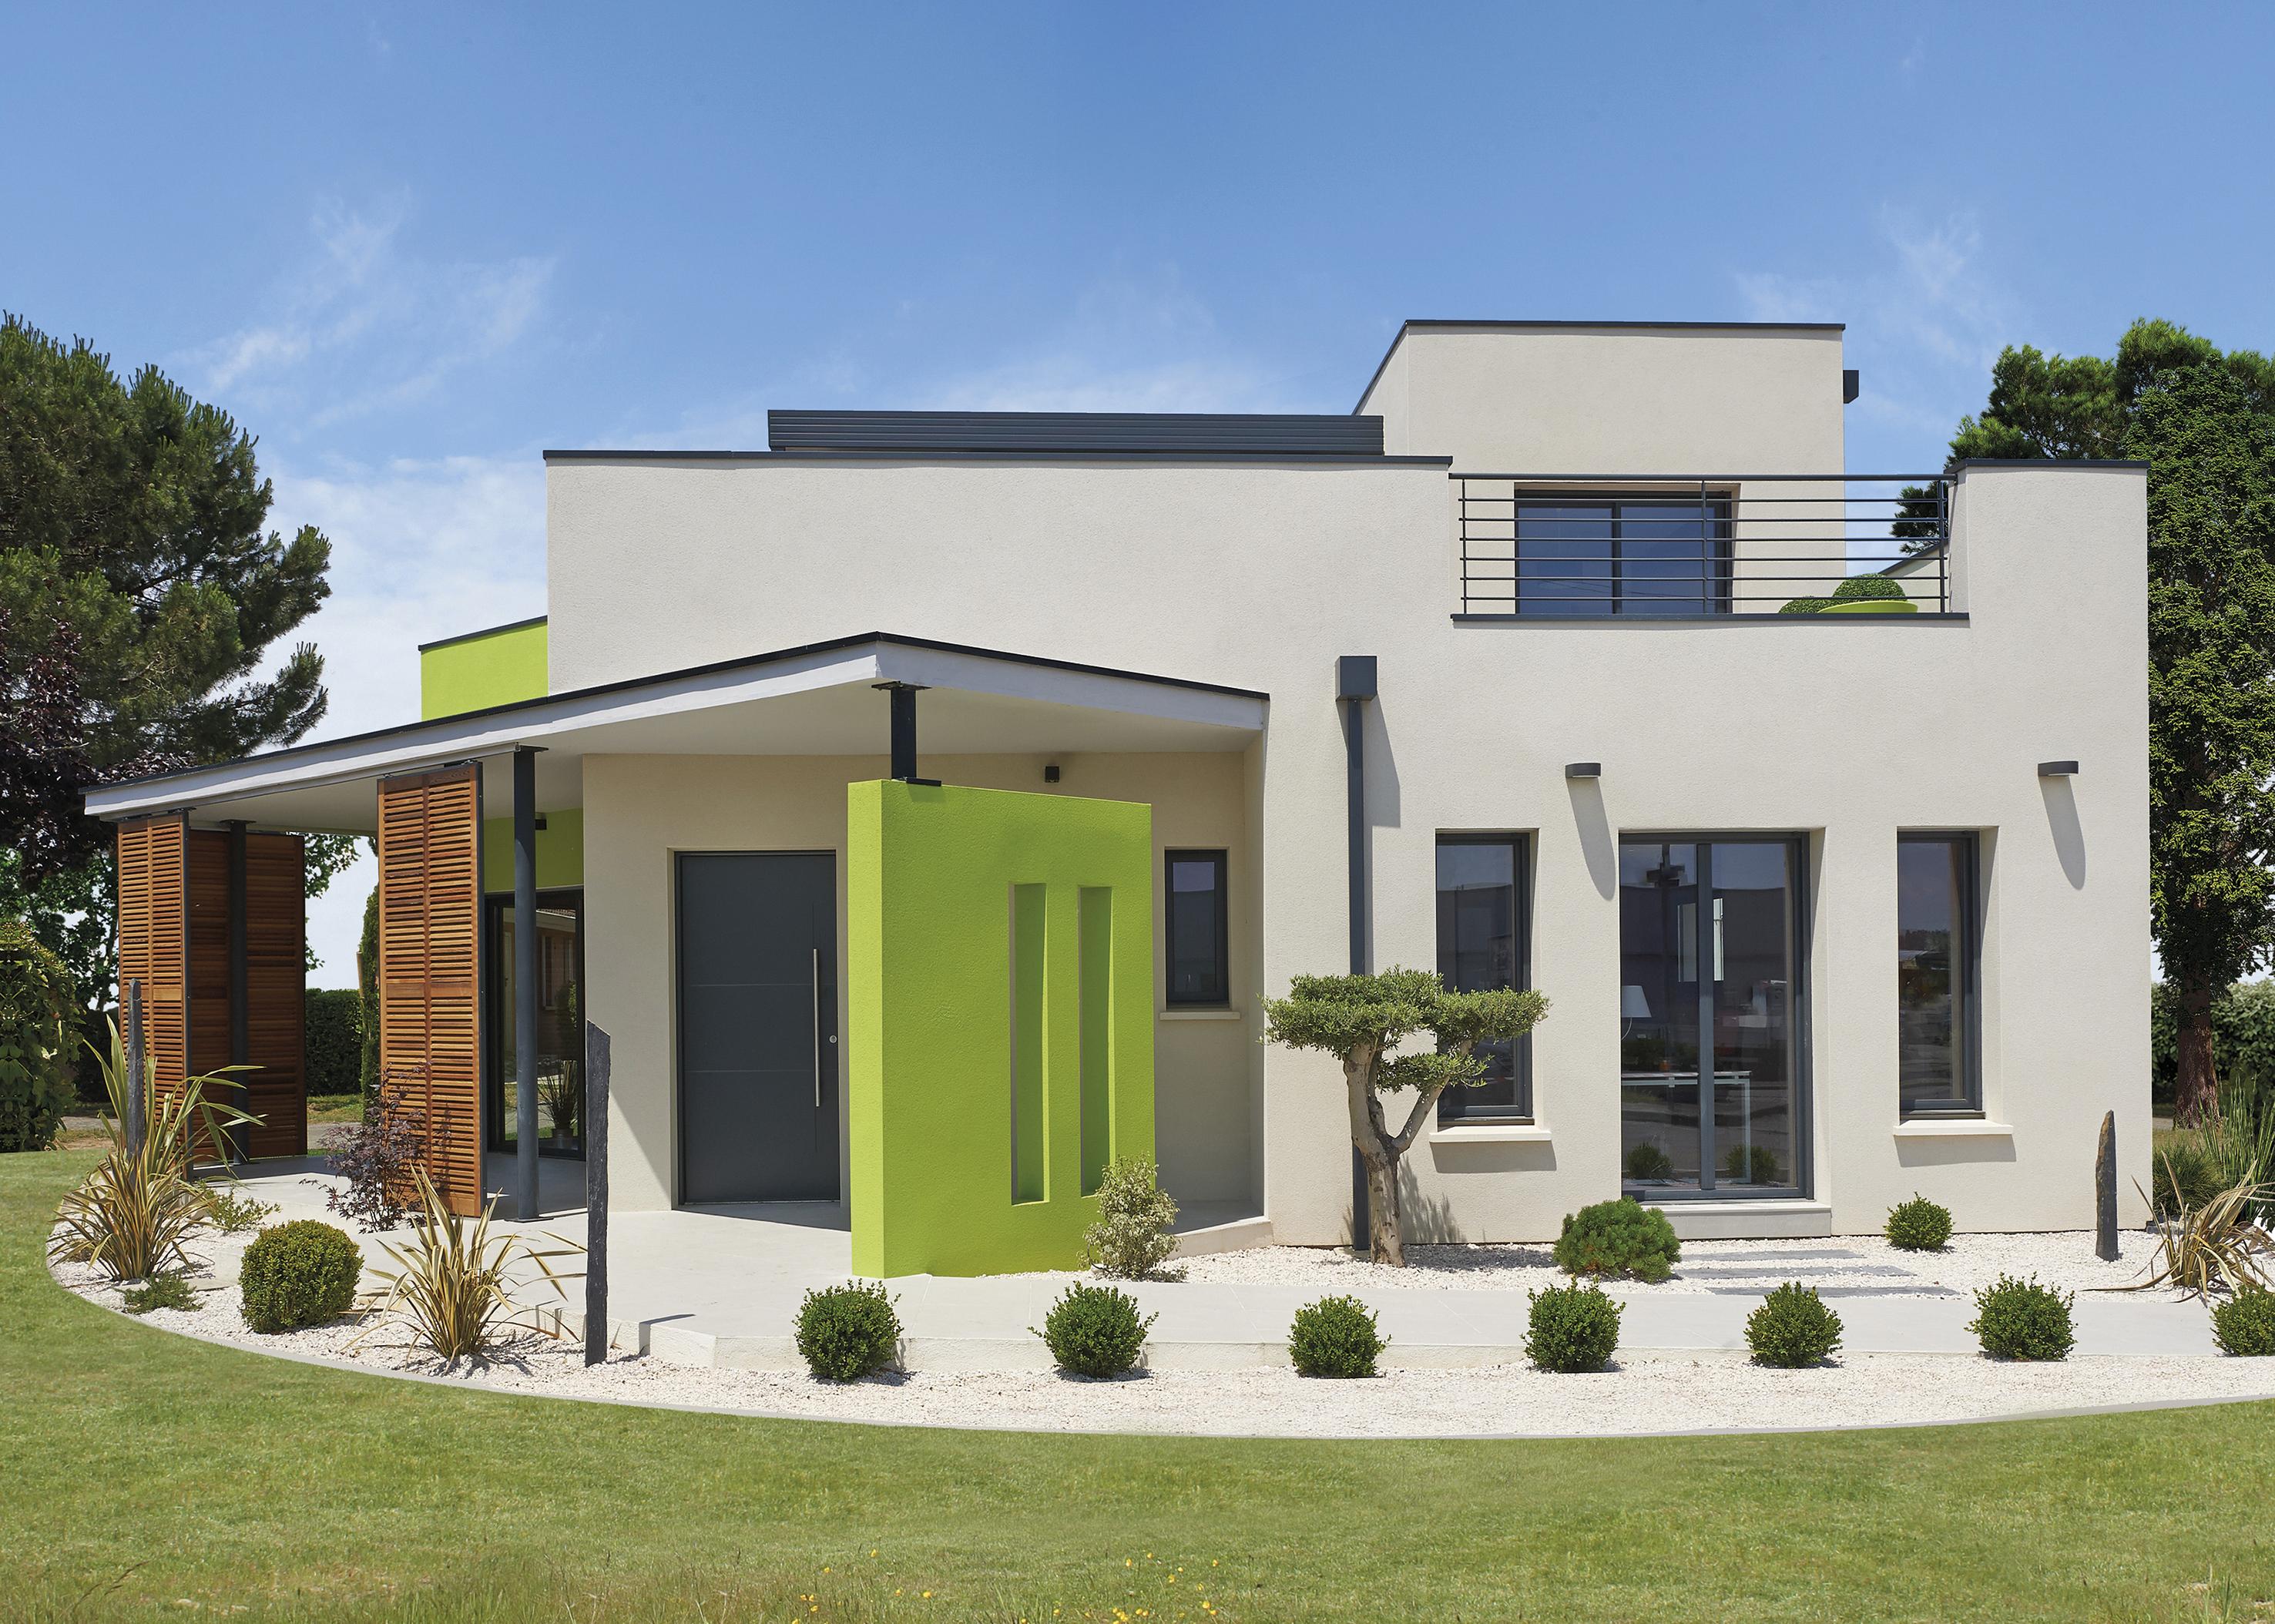 Igc construction constructeur maisons individuelles l for Constructeur maison gers